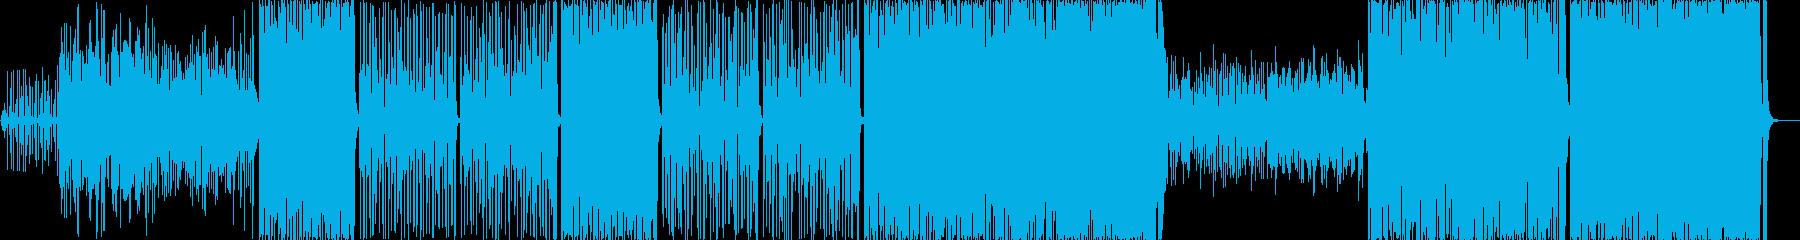 民族調、アコギとアコーディオンBGMの再生済みの波形